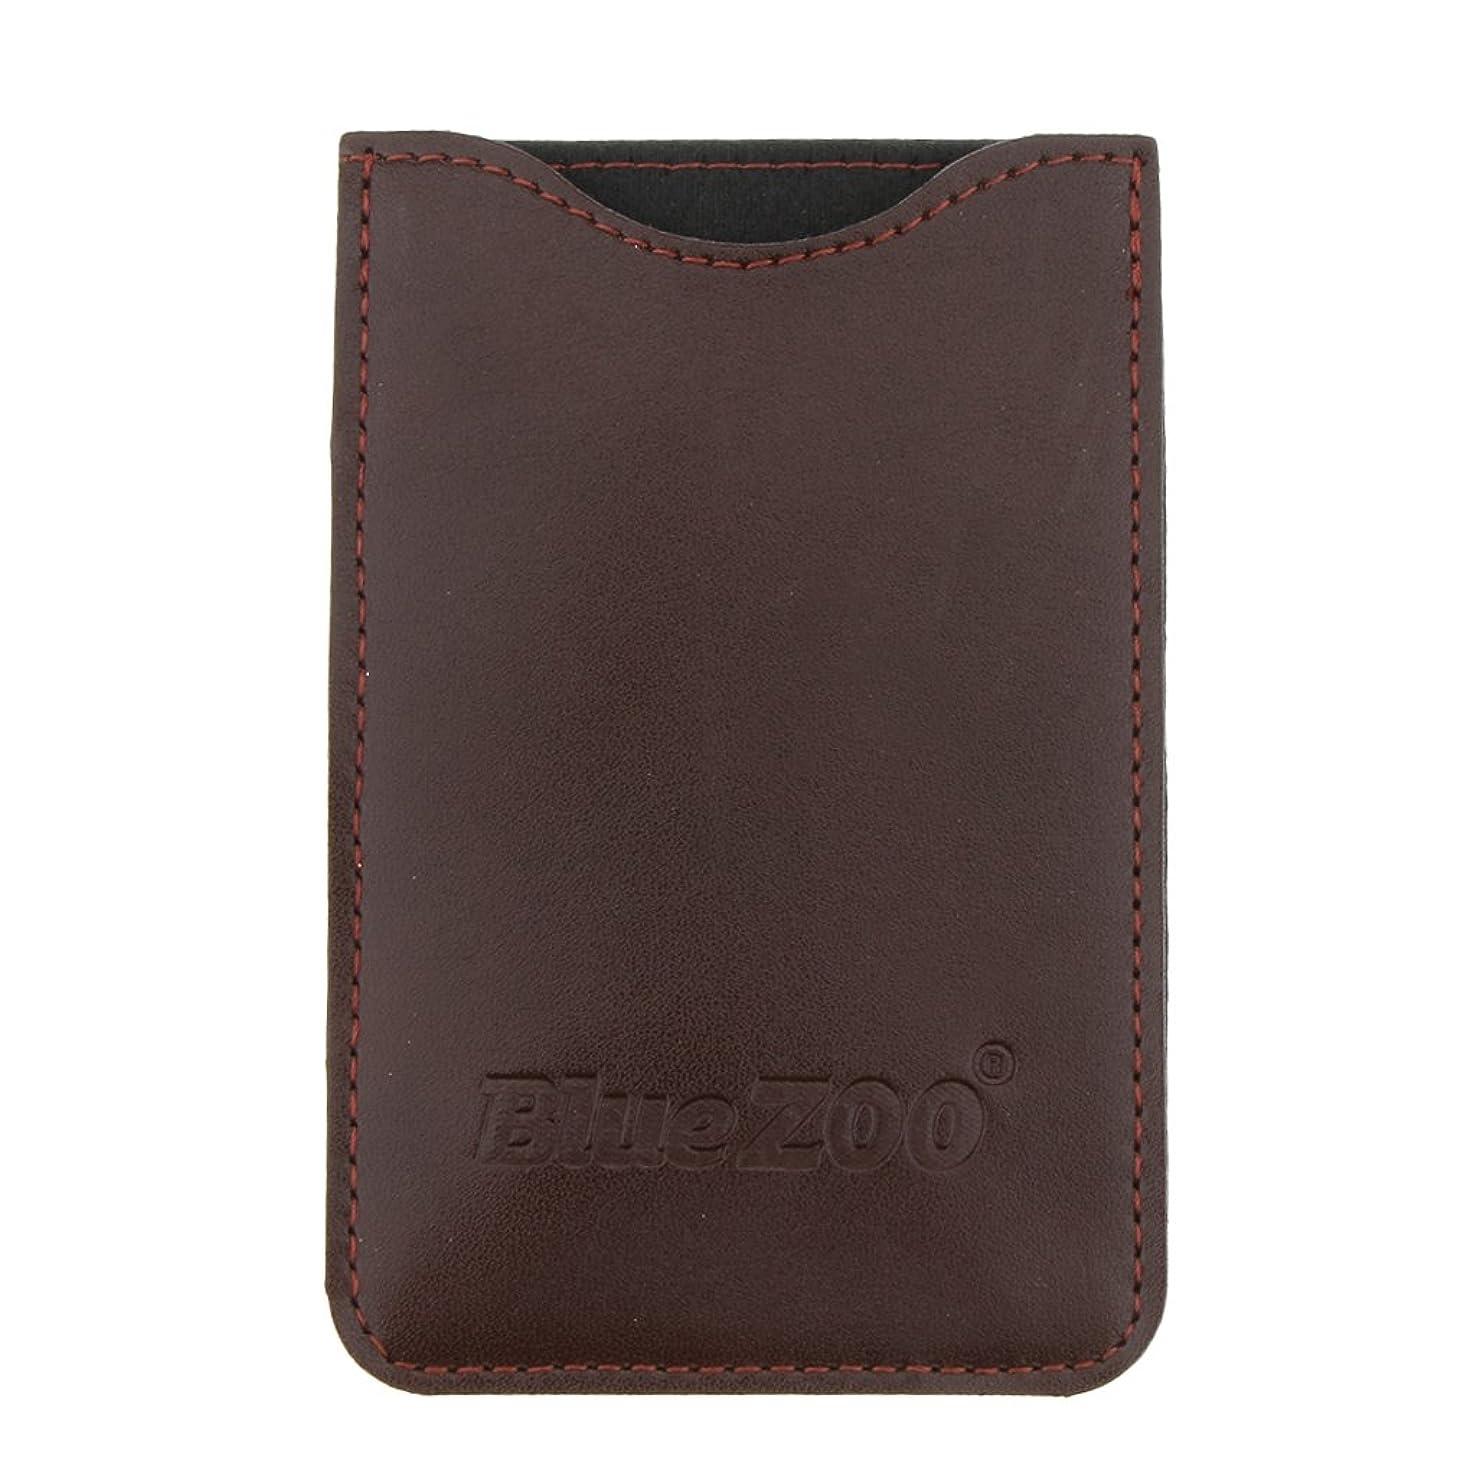 ずっとペック一時的木製のポケットヒゲの櫛の保護収納ポーチ、小さな櫛PUレザーケース - 褐色